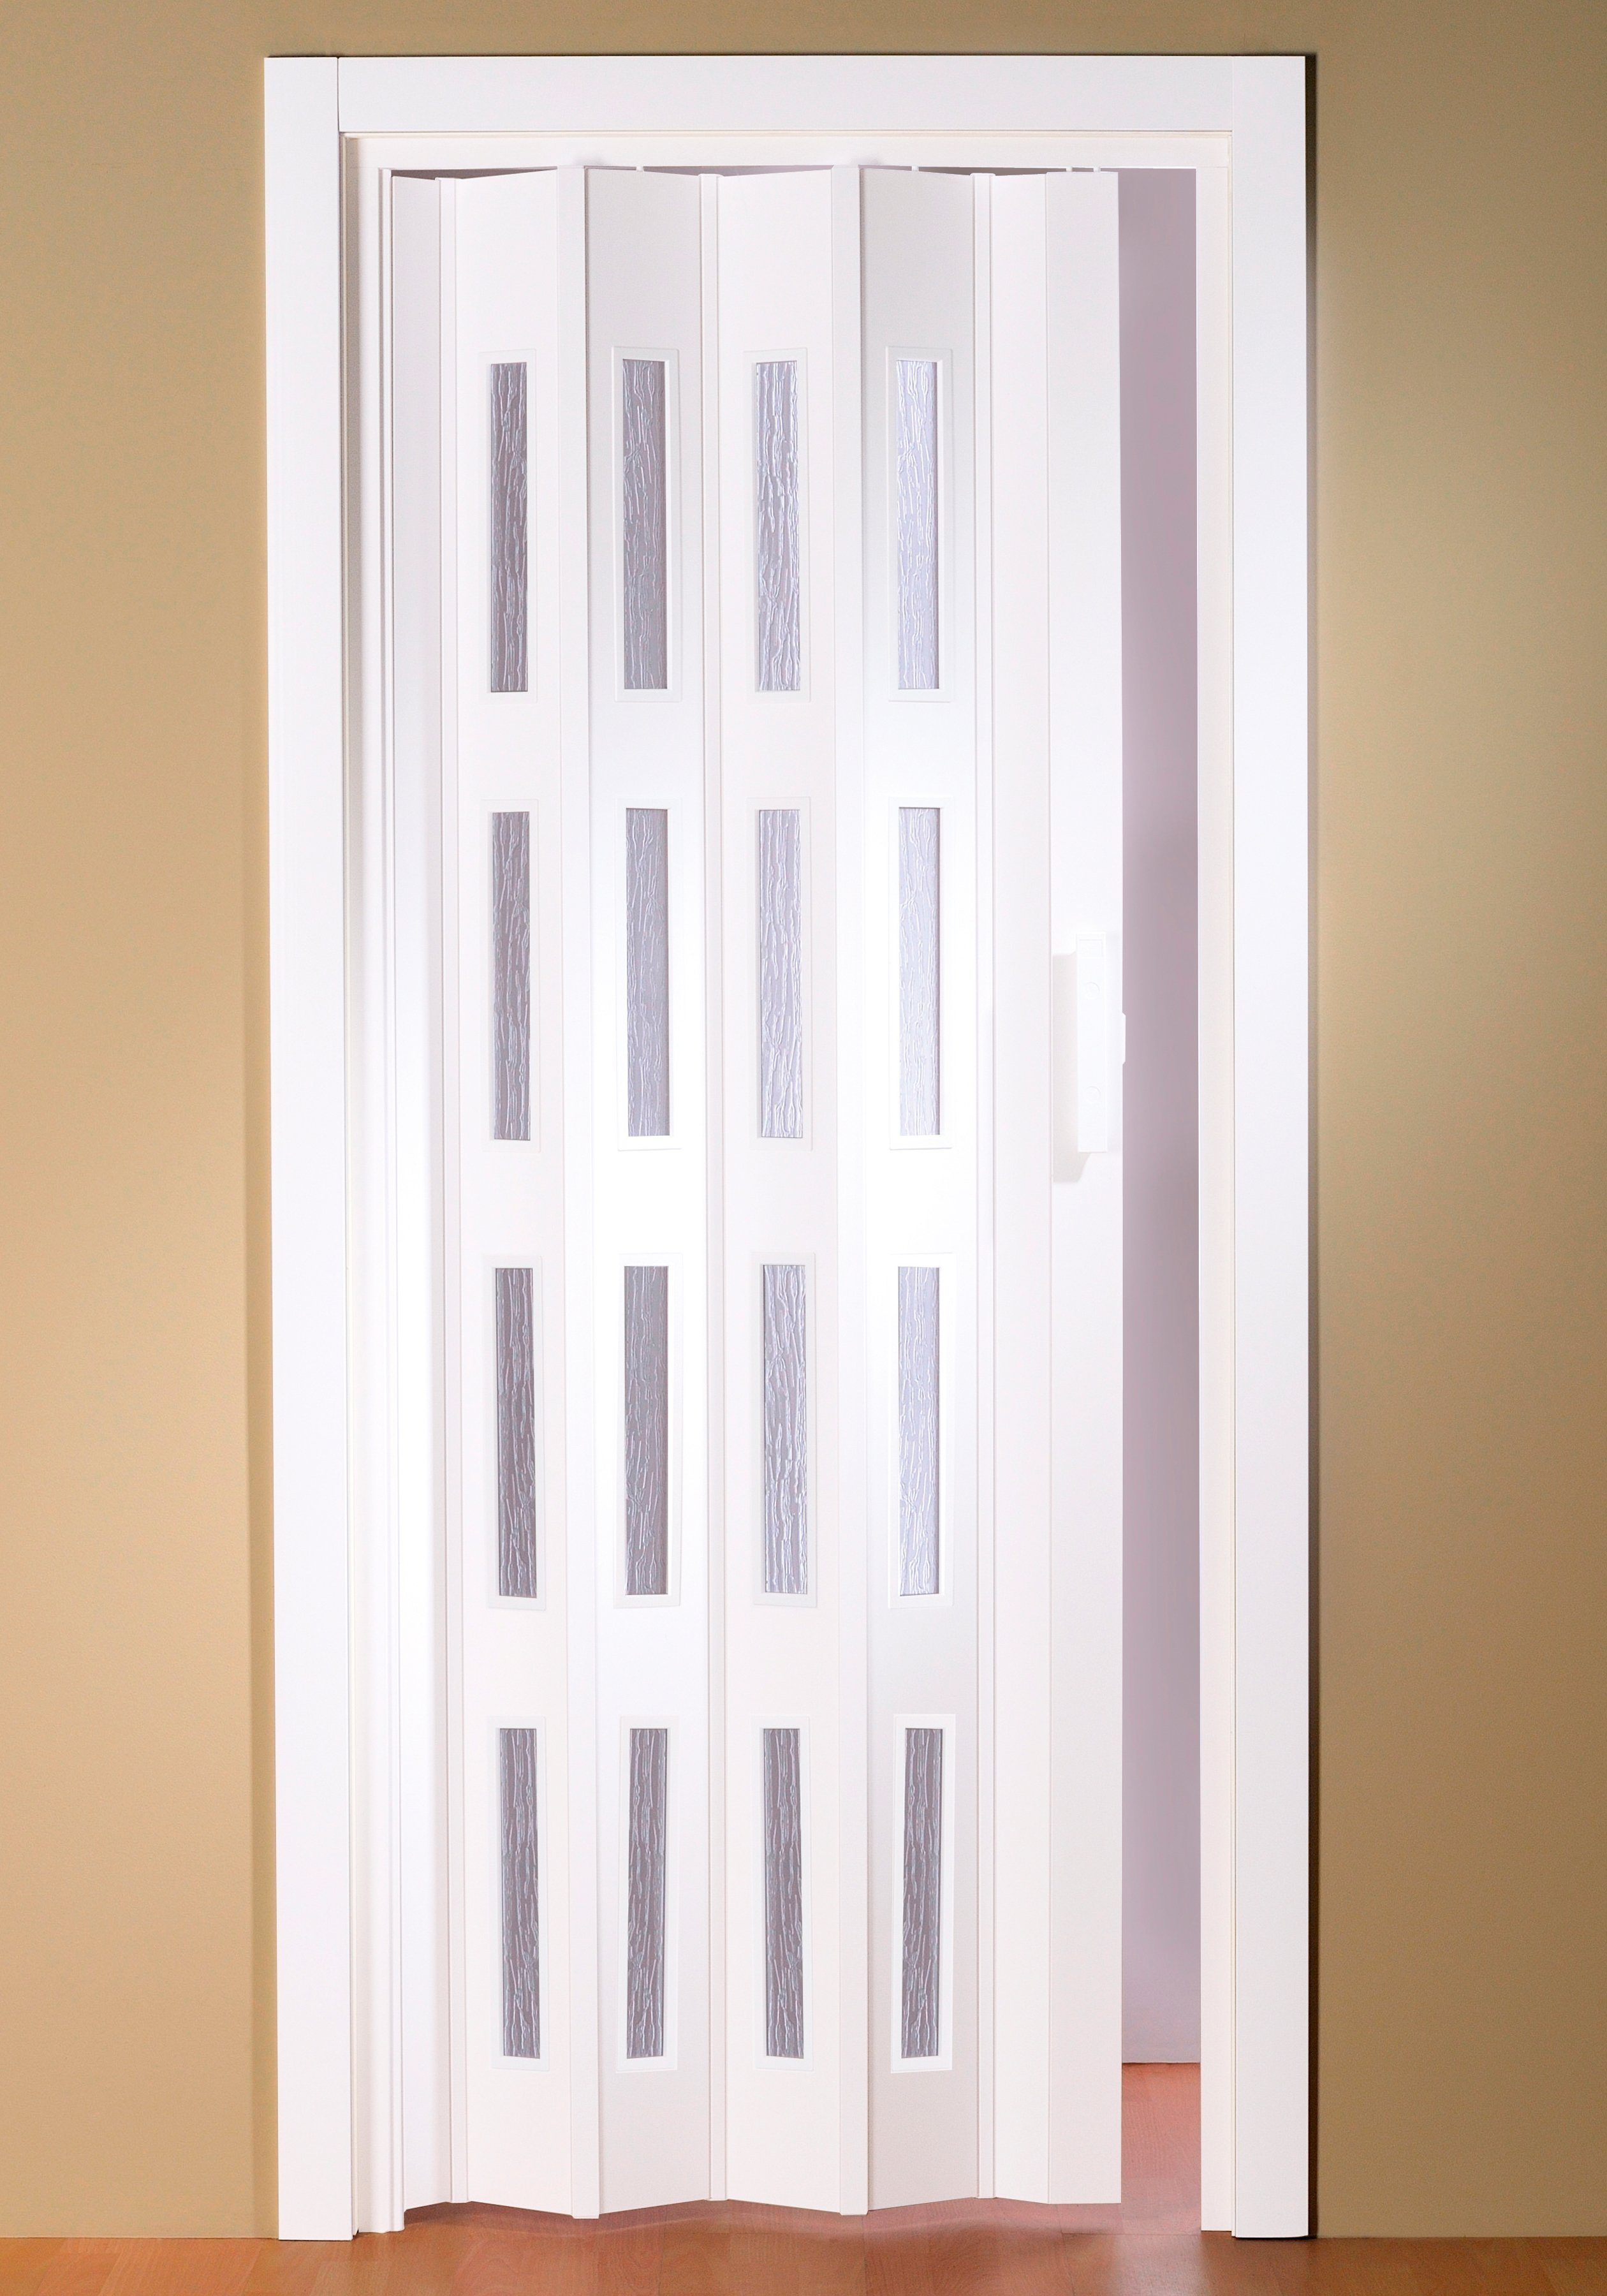 Türerweiterung für Falttür »Luciana« Höhe nach Maß, weiß (mit Fenster)